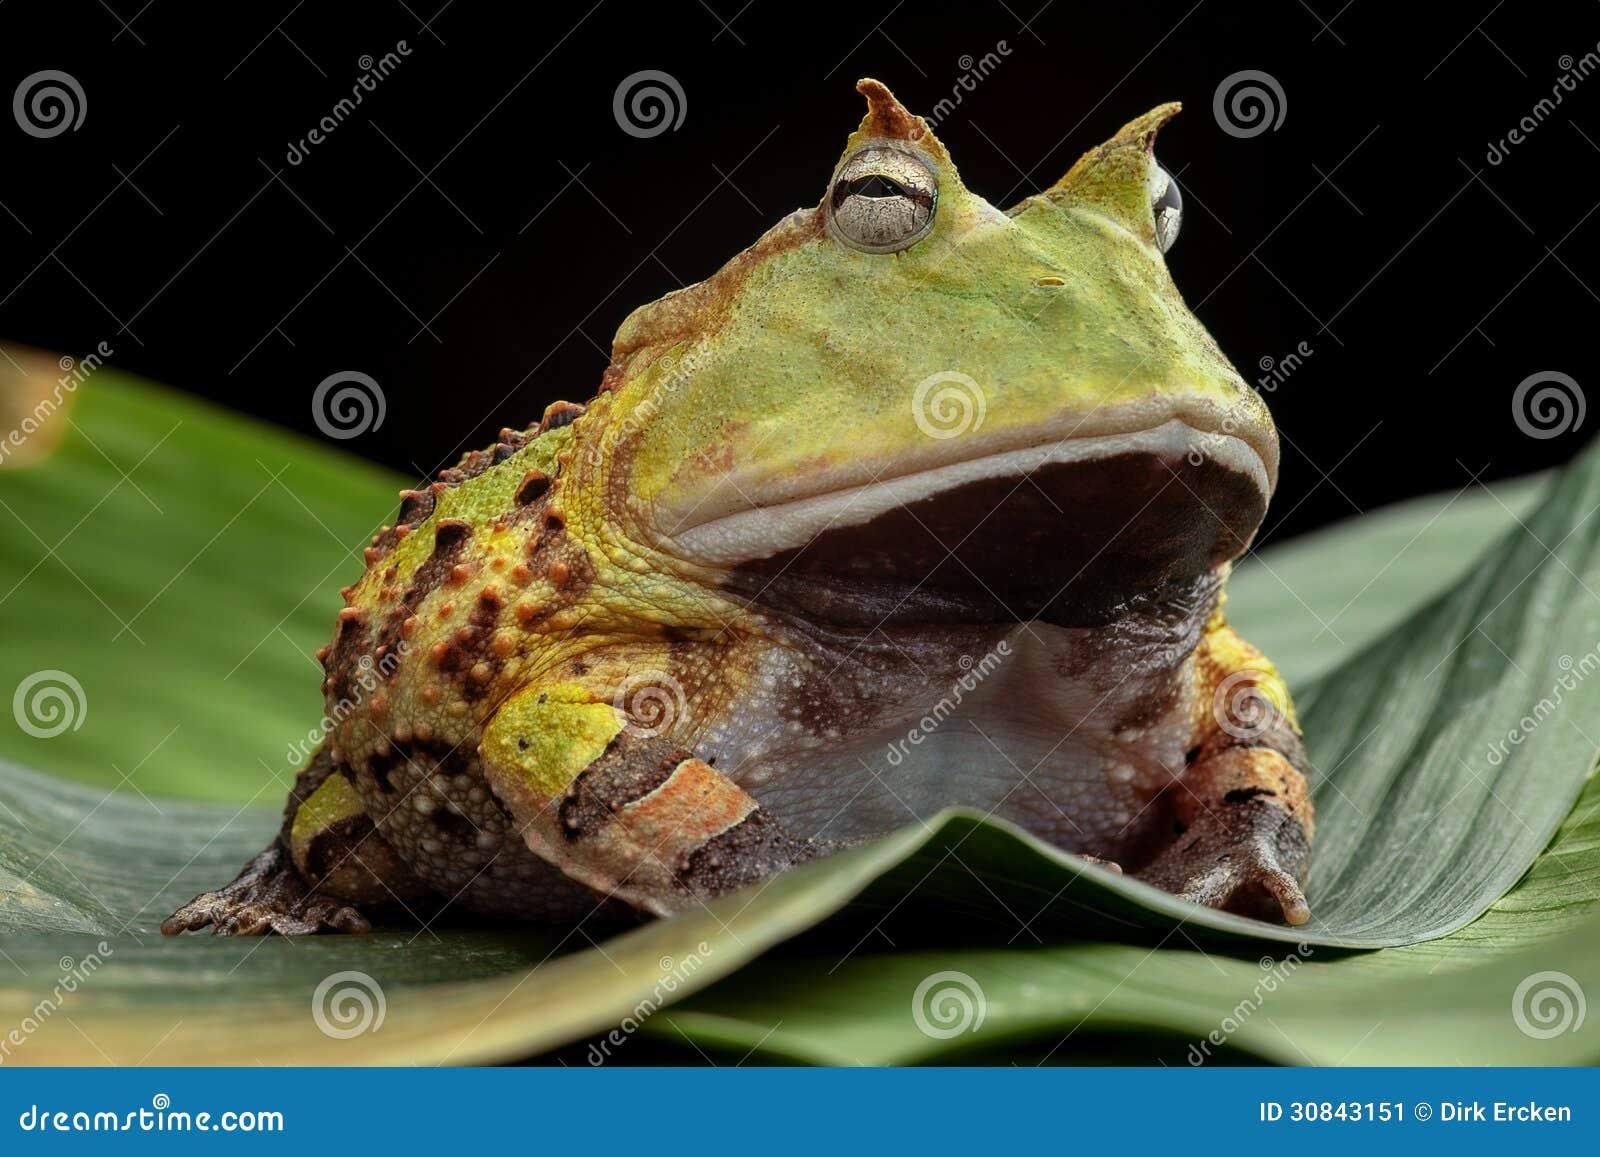 pacman frosch oder geh rnte kr te stockbild bild von tier brasilien 30843151. Black Bedroom Furniture Sets. Home Design Ideas